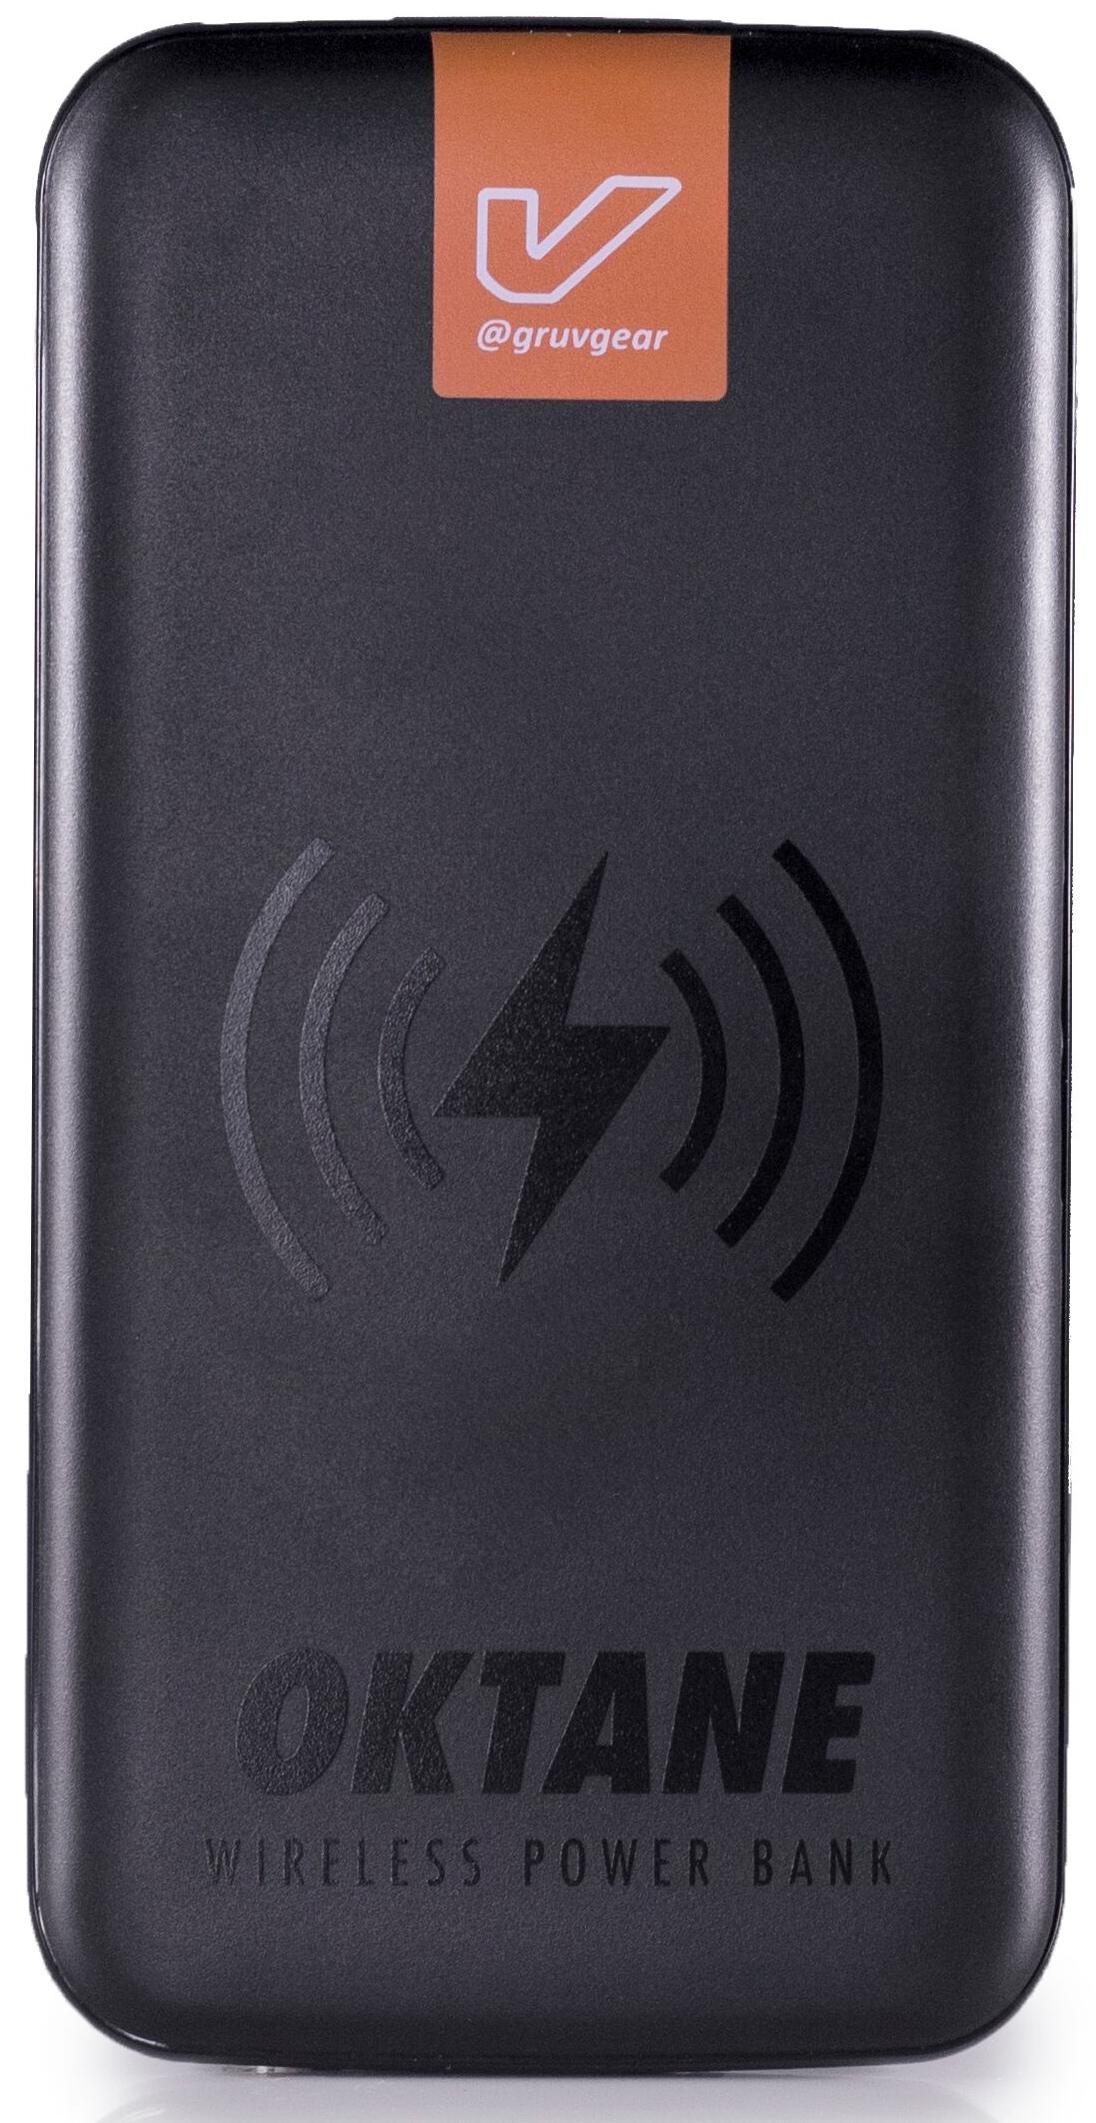 GRUVGEAR Oktane Wireless Power Bank